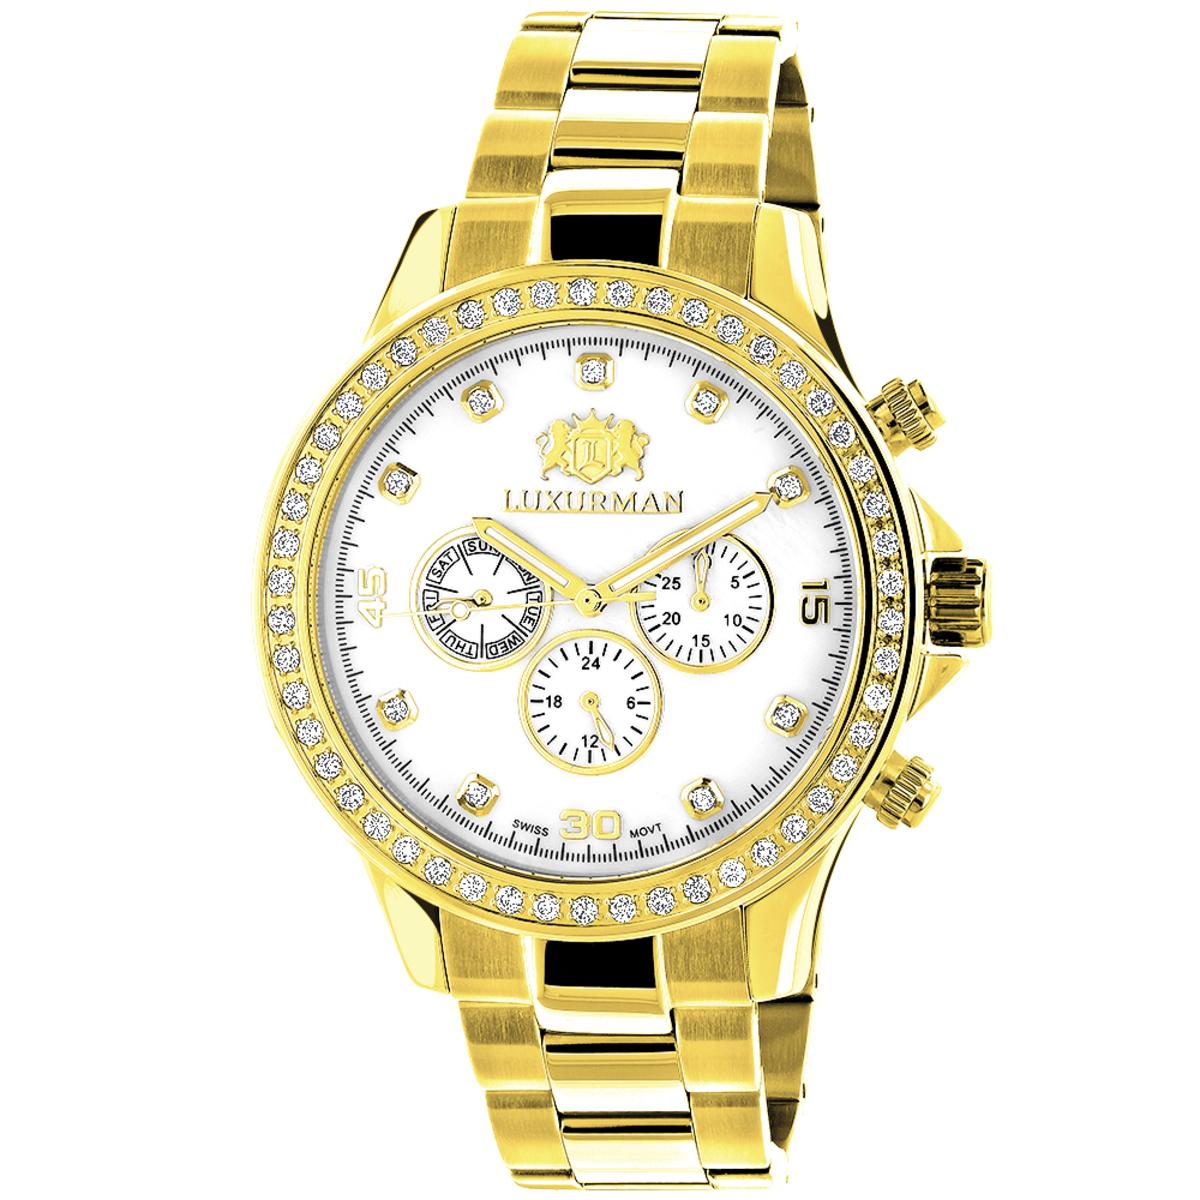 Luxurman Mens Diamond Liberty Watch 2ct Yellow Gold Plated White MOP